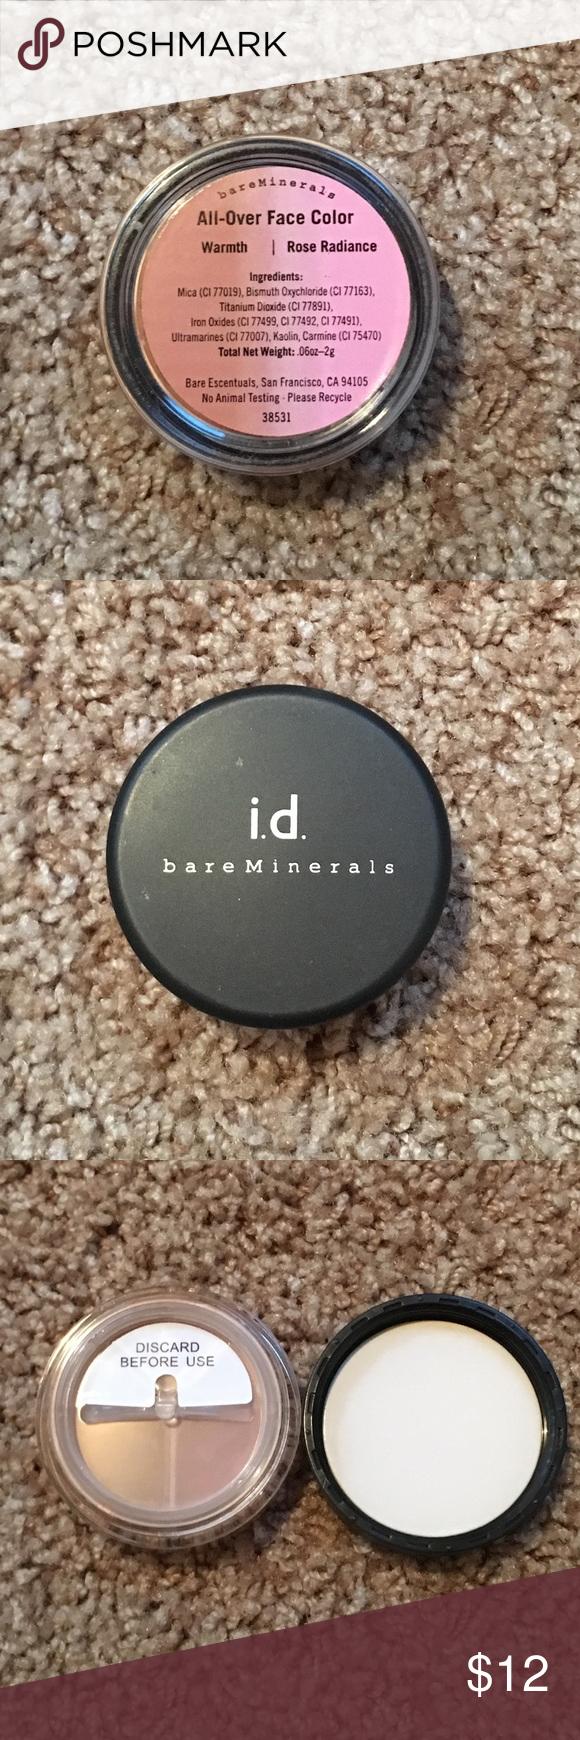 Bare Minerals Sealed Warmth Blush Combo Bare Minerals Bare Minerals Warmth Sephora Makeup